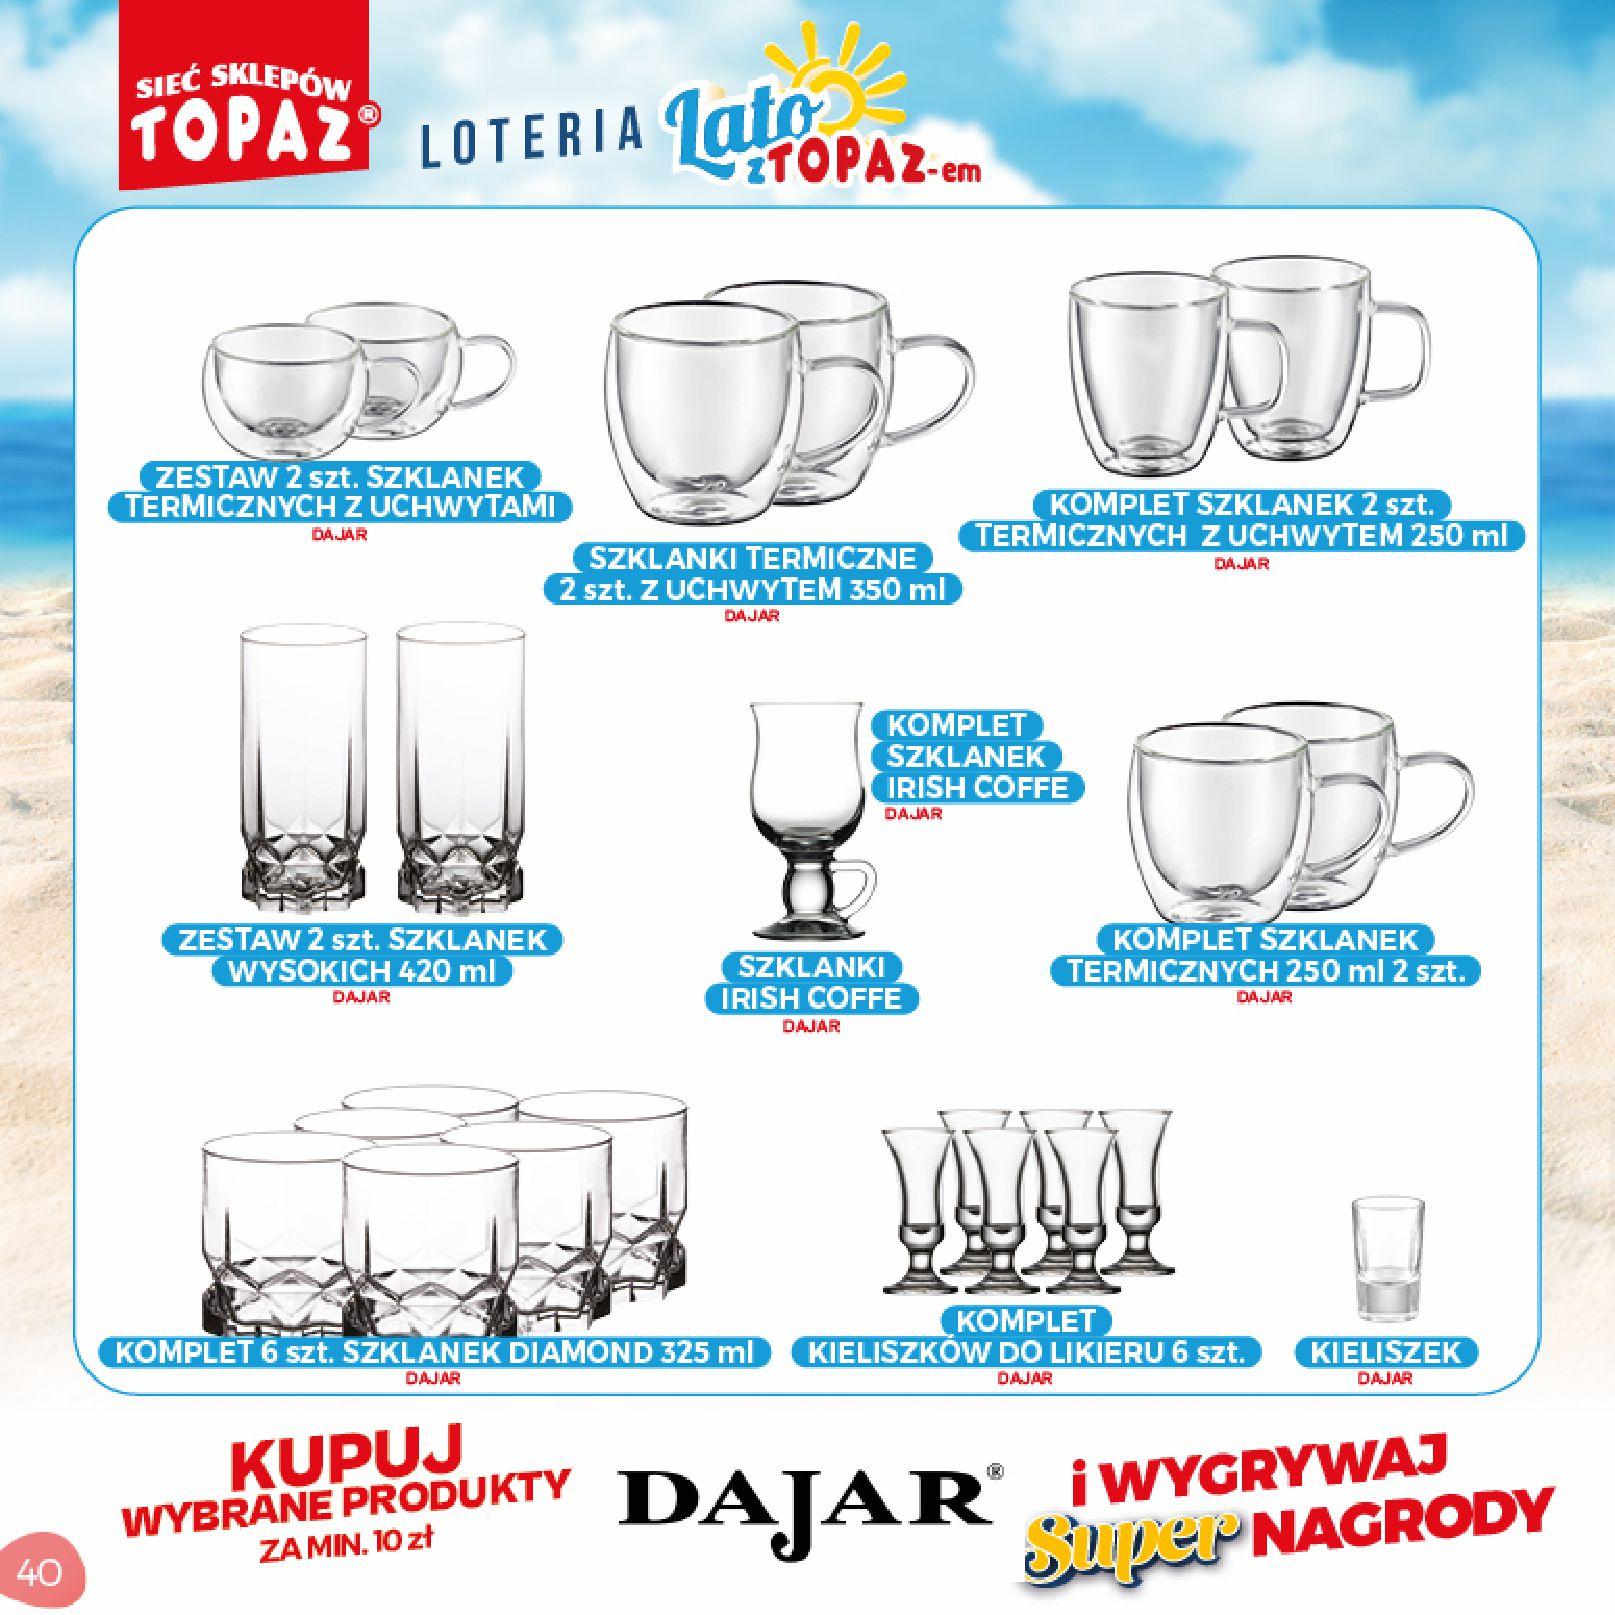 Gazetka TOPAZ: Gazetka TOPAZ - Loteria 2021-07-05 page-40